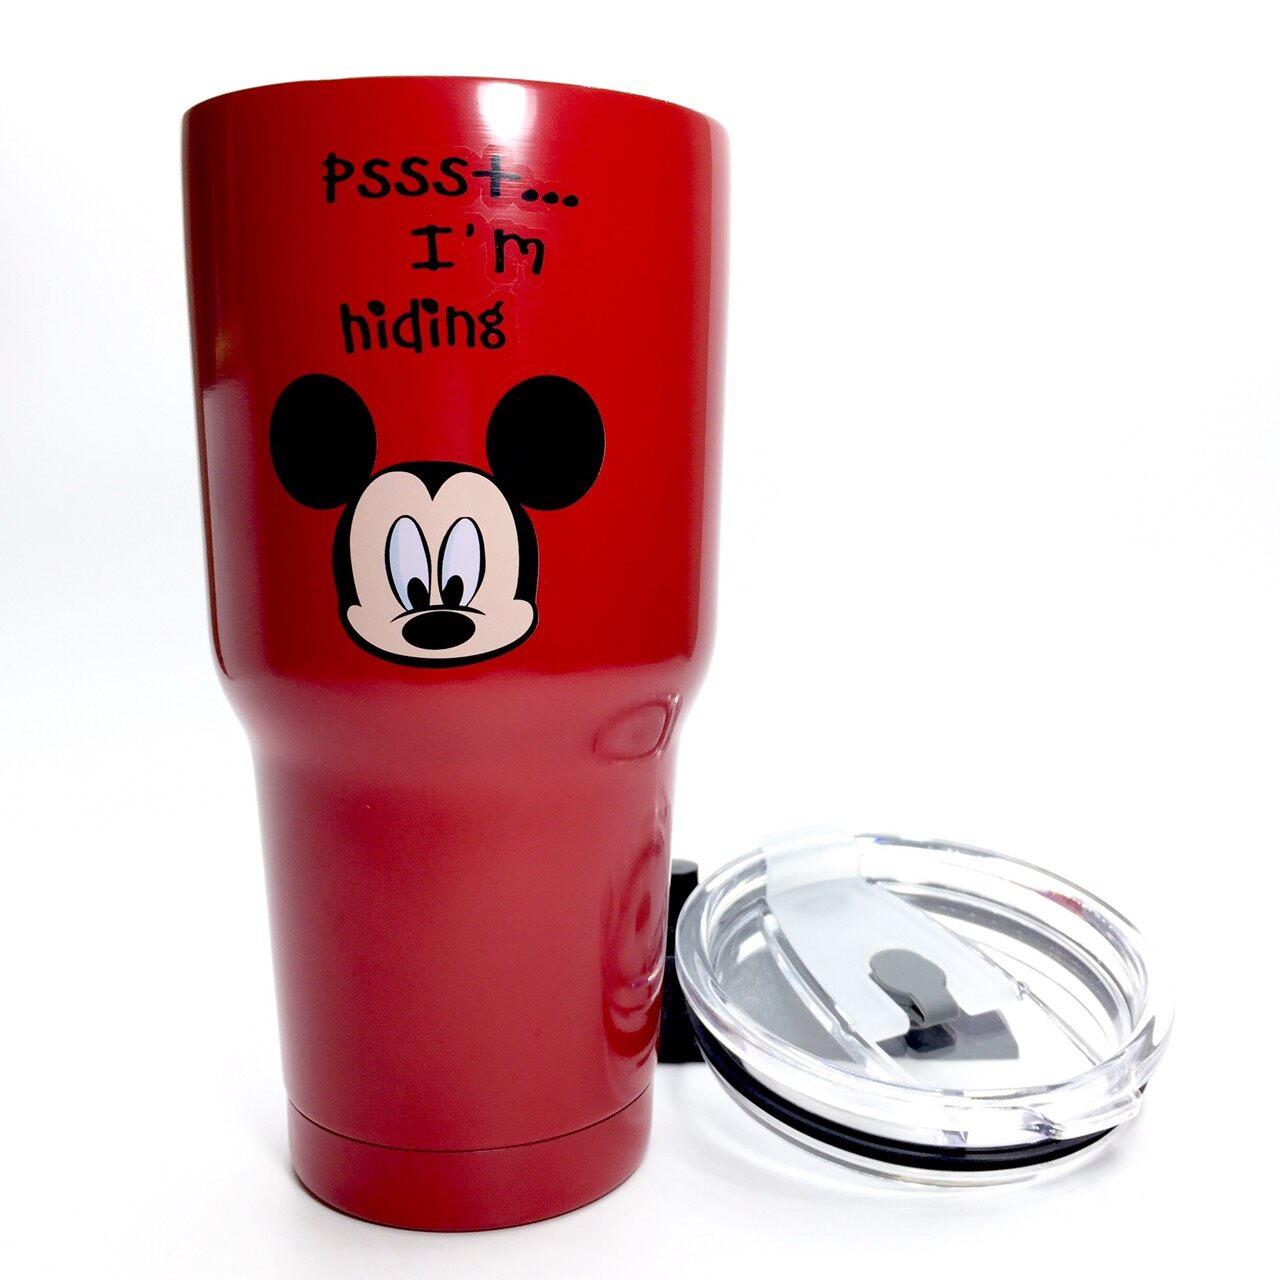 แก้วเยติ ขนาด 30 ออนซ์ แก้วเก็บความเย็นเก็บความร้อน แก็วเก็บความเย็น 24ชม. เนื้อเงาสกรีน  อย่างหนา อย่างดี น้ำหนัก 480g แก้วกาแฟ แก้วเบียร์ สแตนเลส 304.